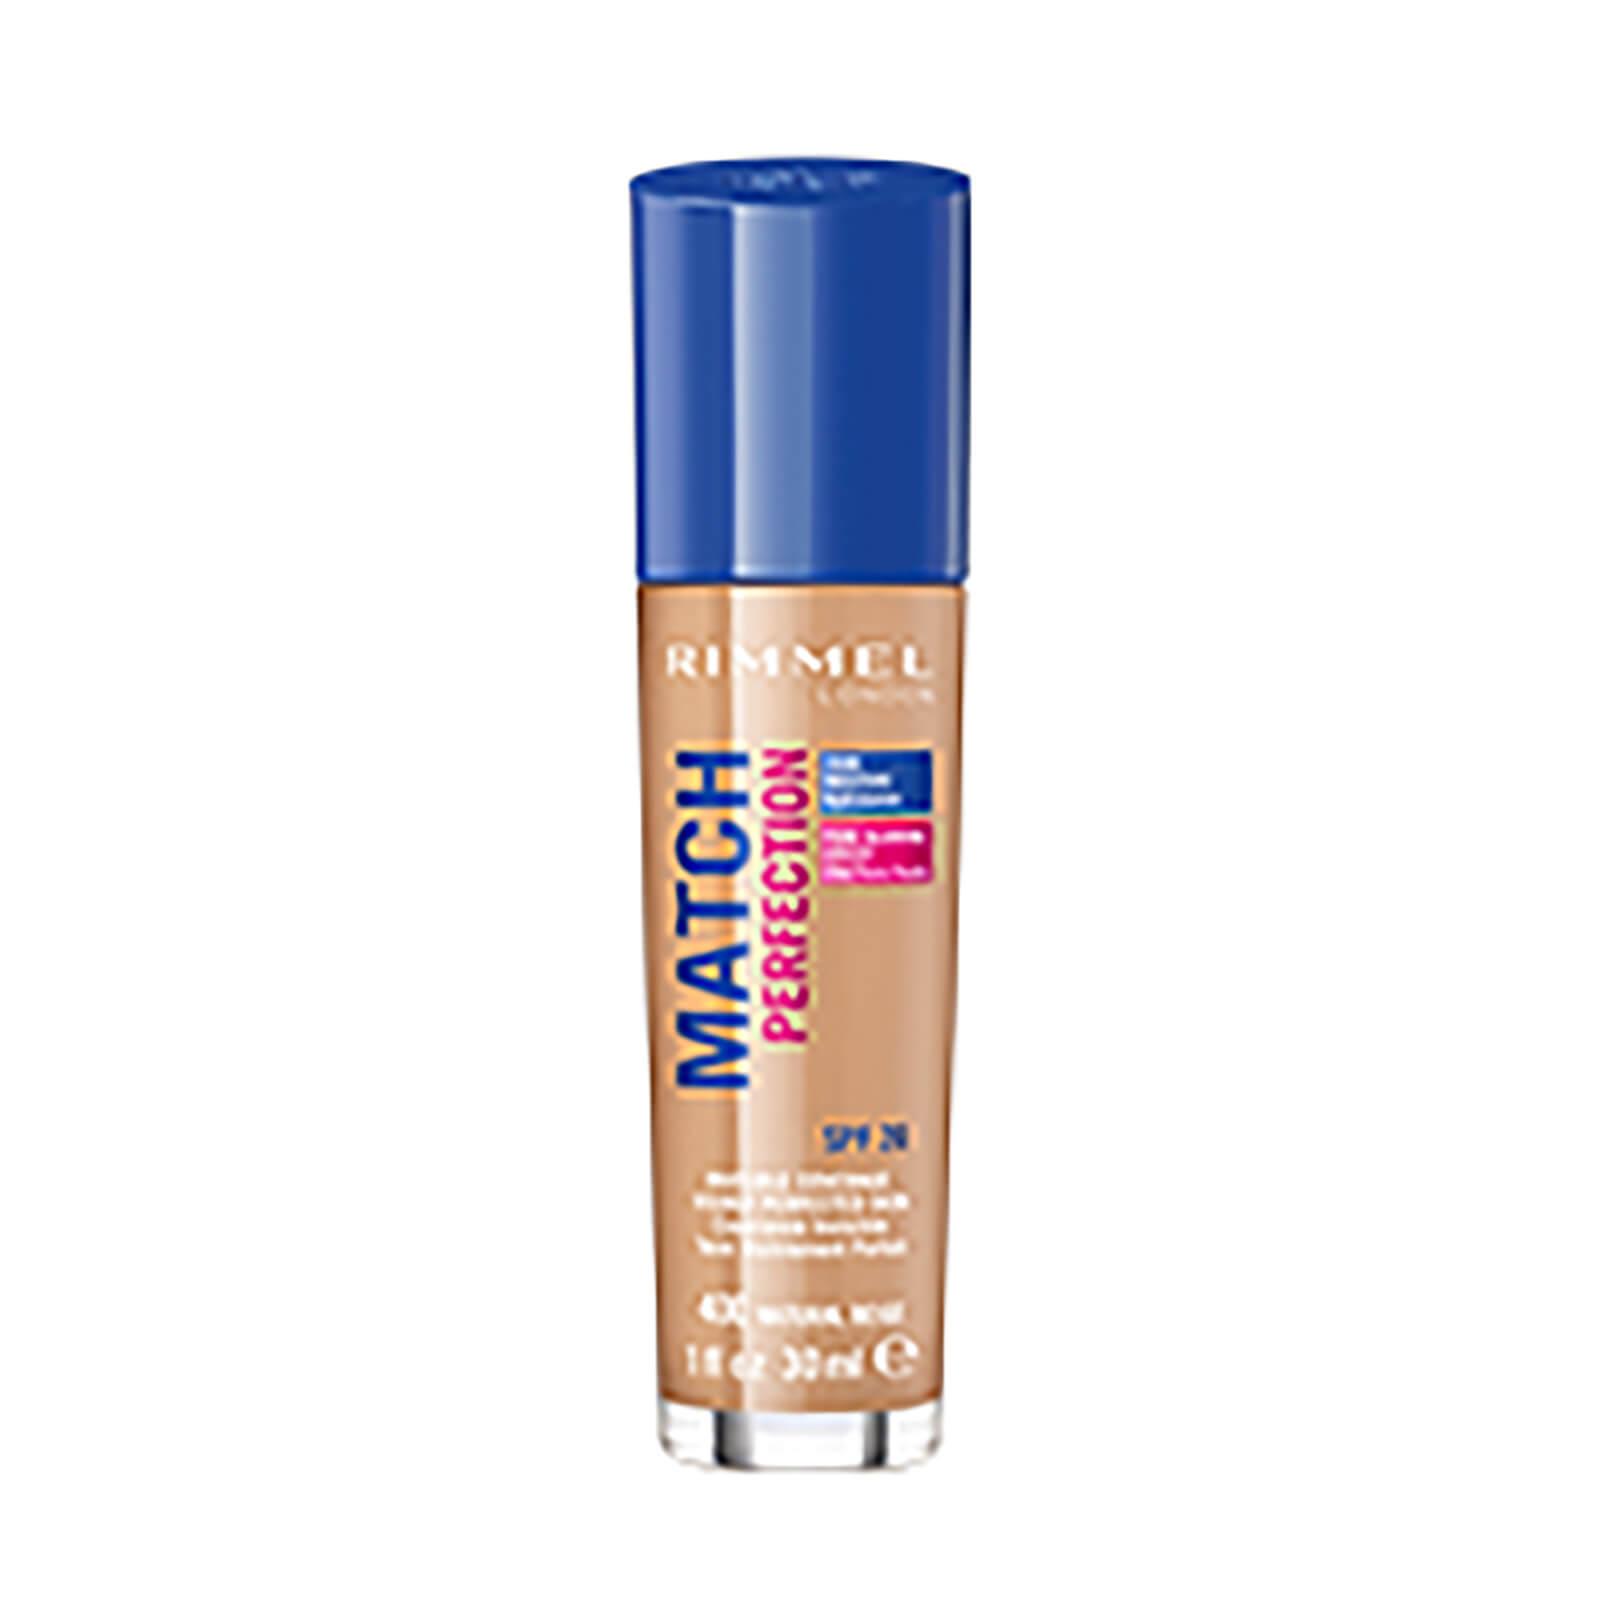 Купить Основа под макияж Rimmel Match Perfection Foundation (различных оттенков) - Natural Beige